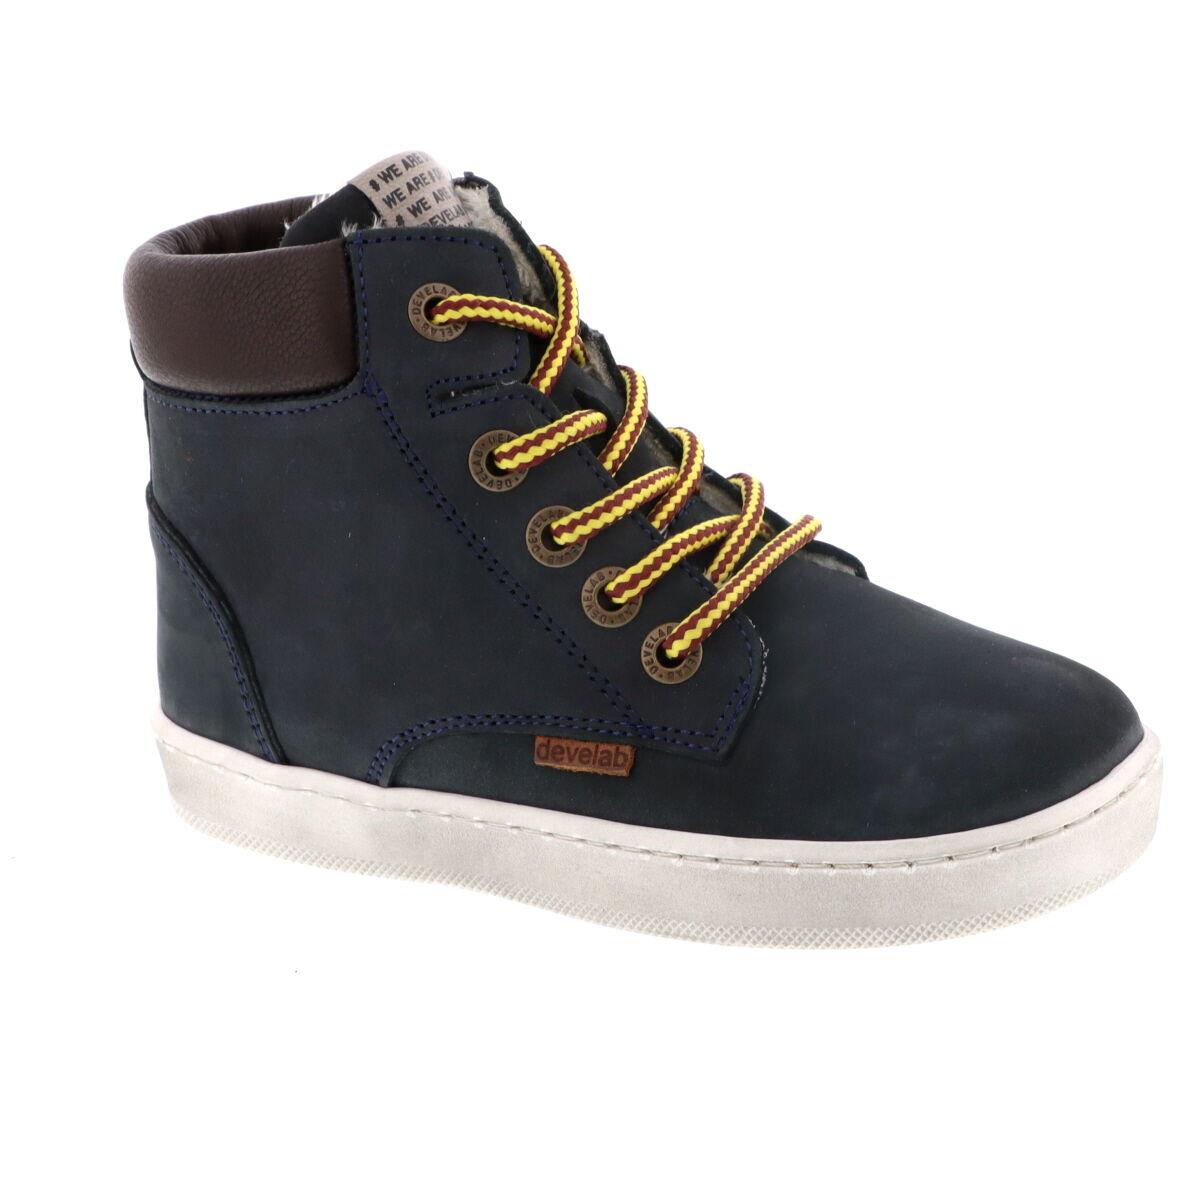 Develab 41855 hoge nubuck sneakers donkerblauw online kopen